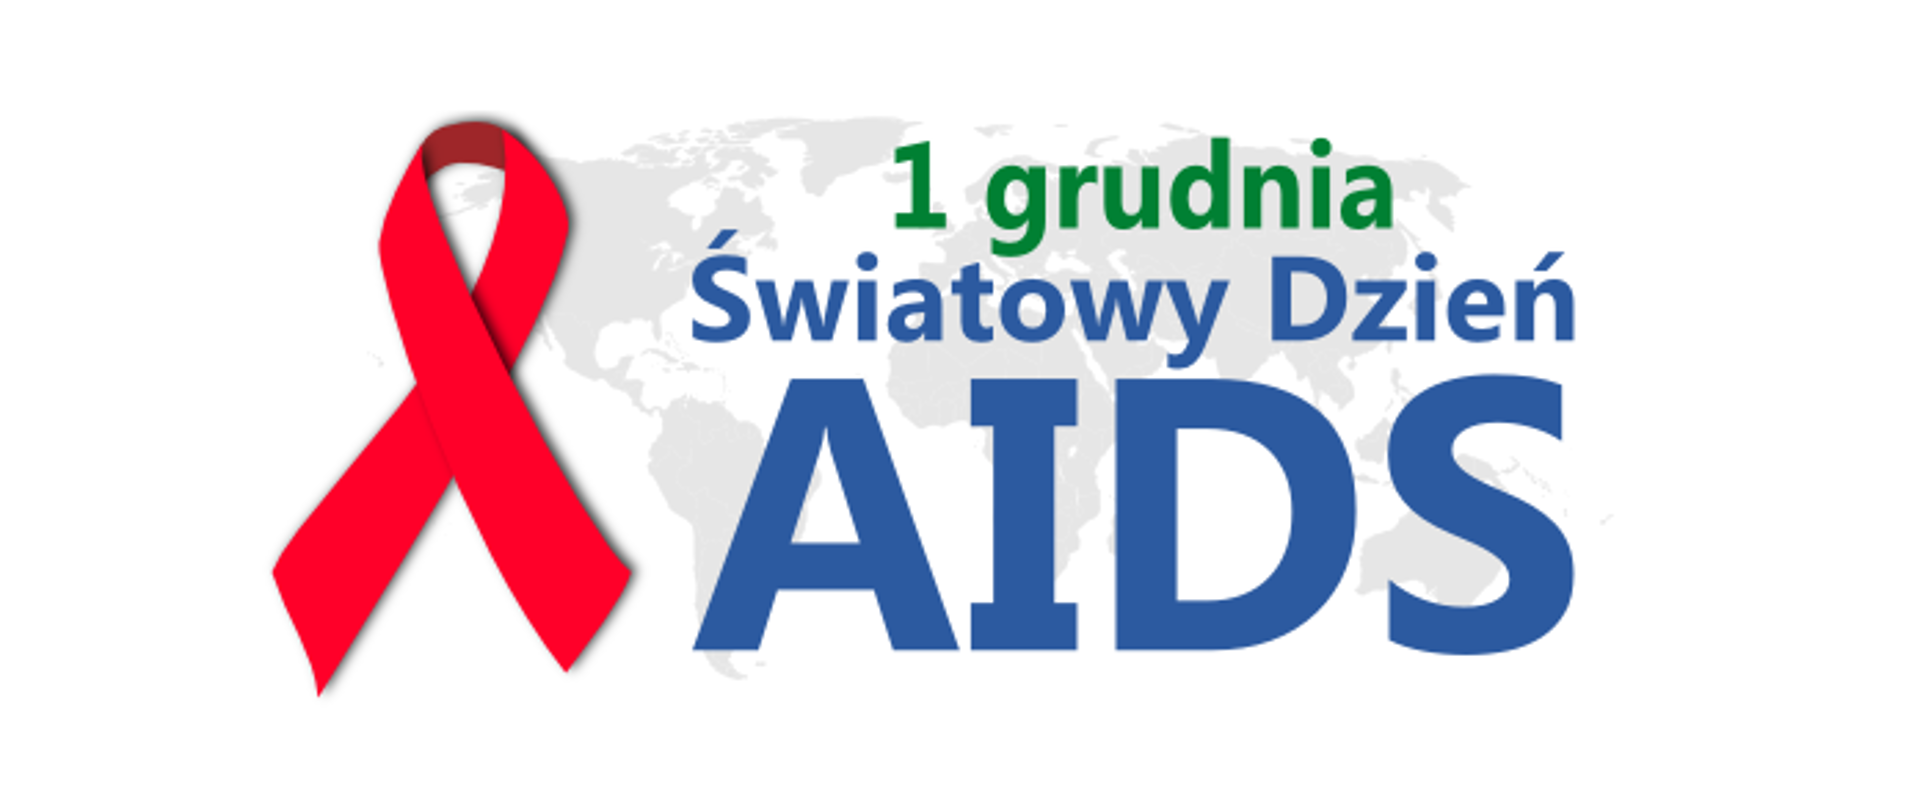 1 grudnia - Światowy Dzień AIDS